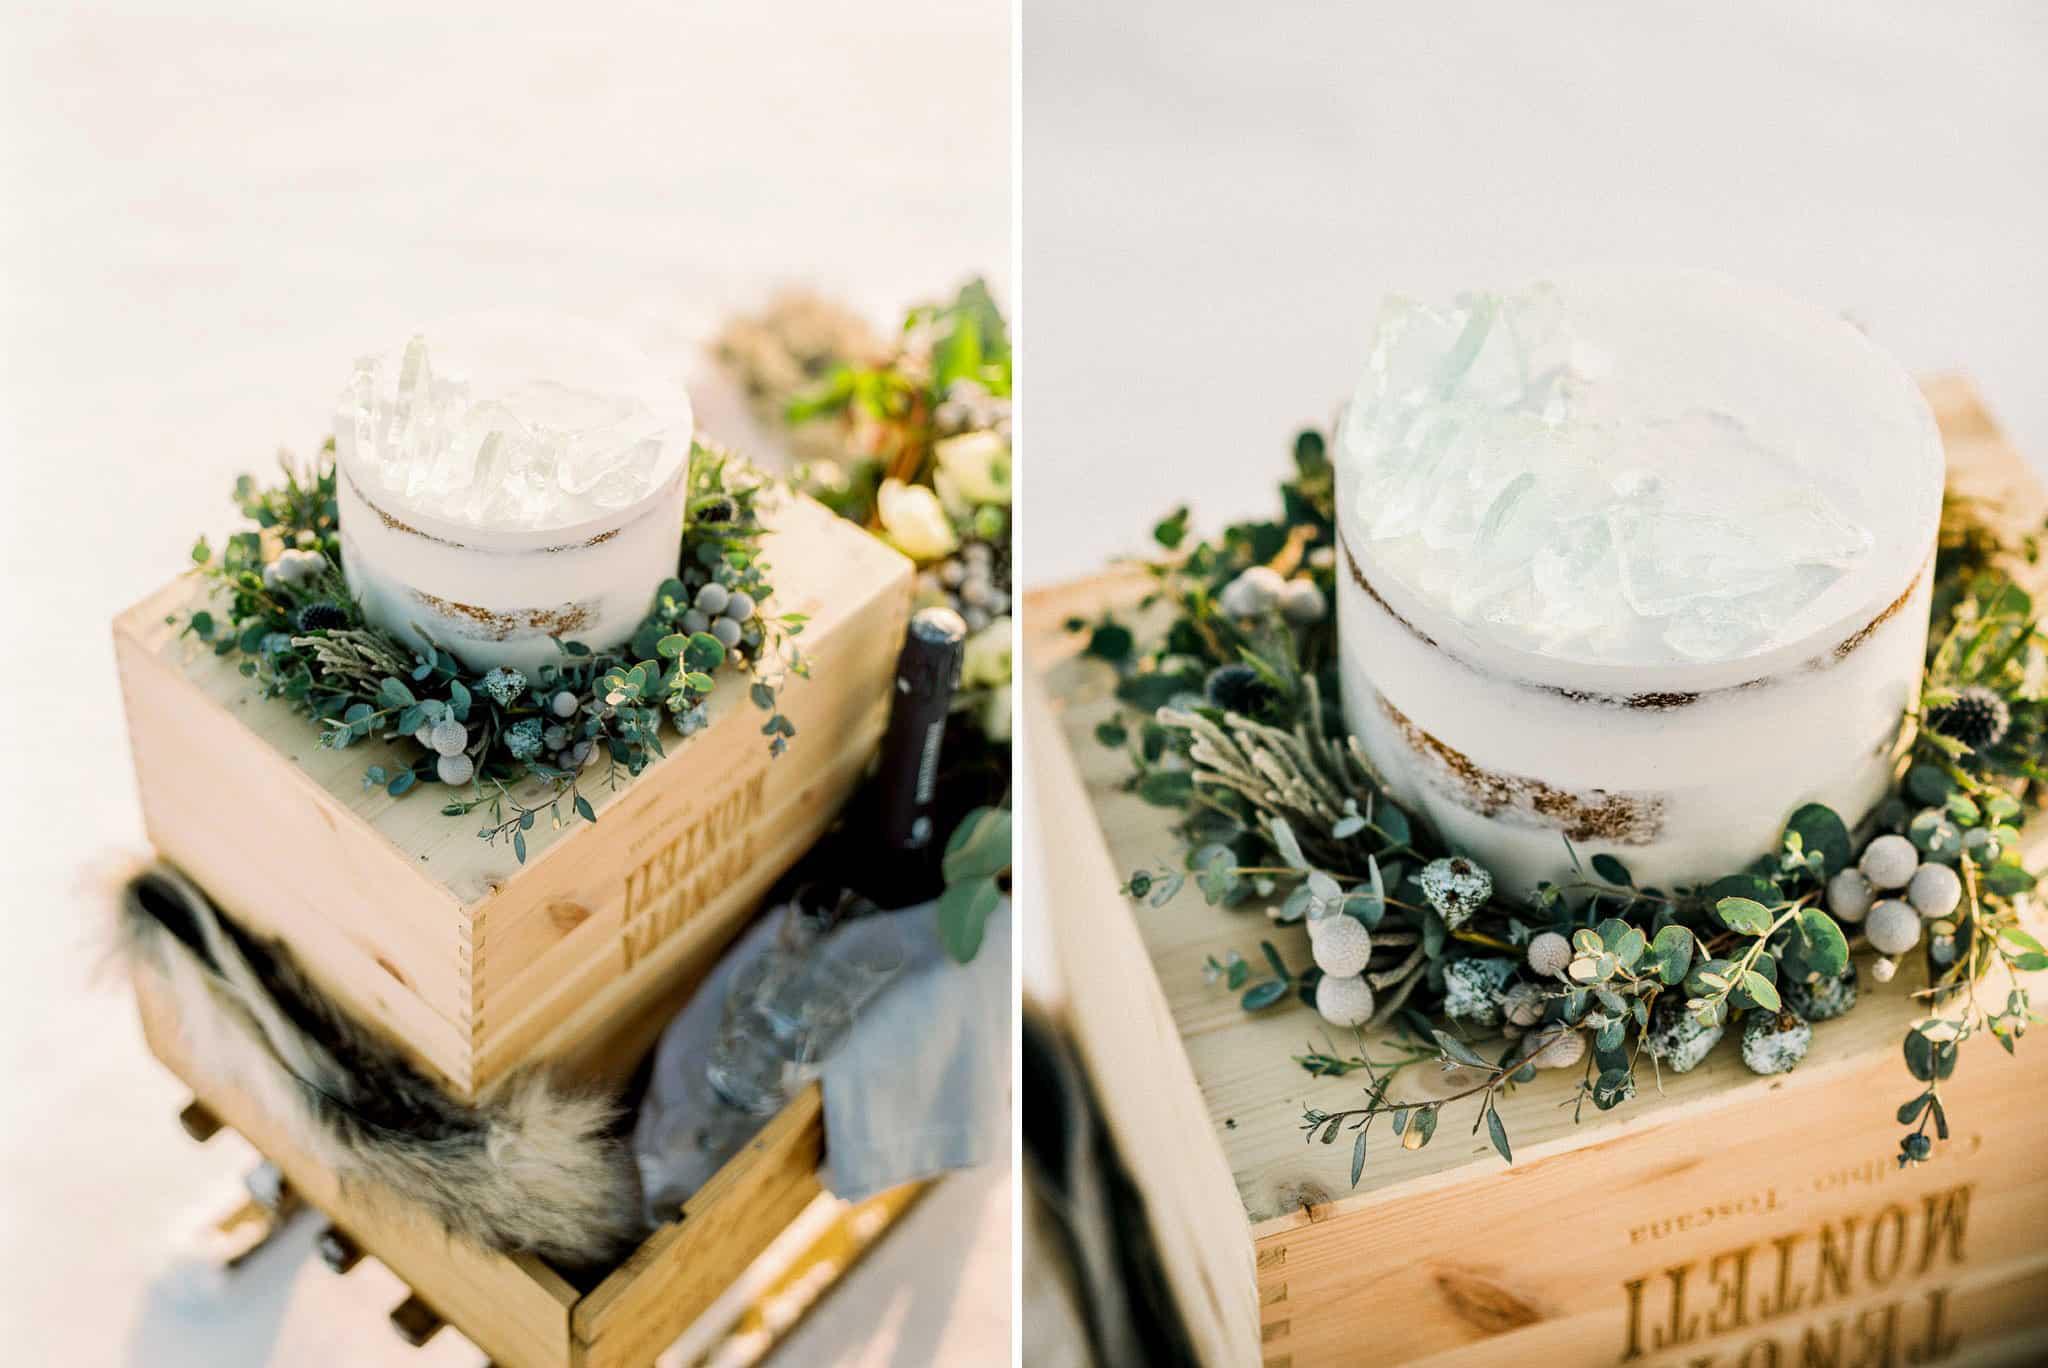 40_wedoverhills_elopement_cake_icing